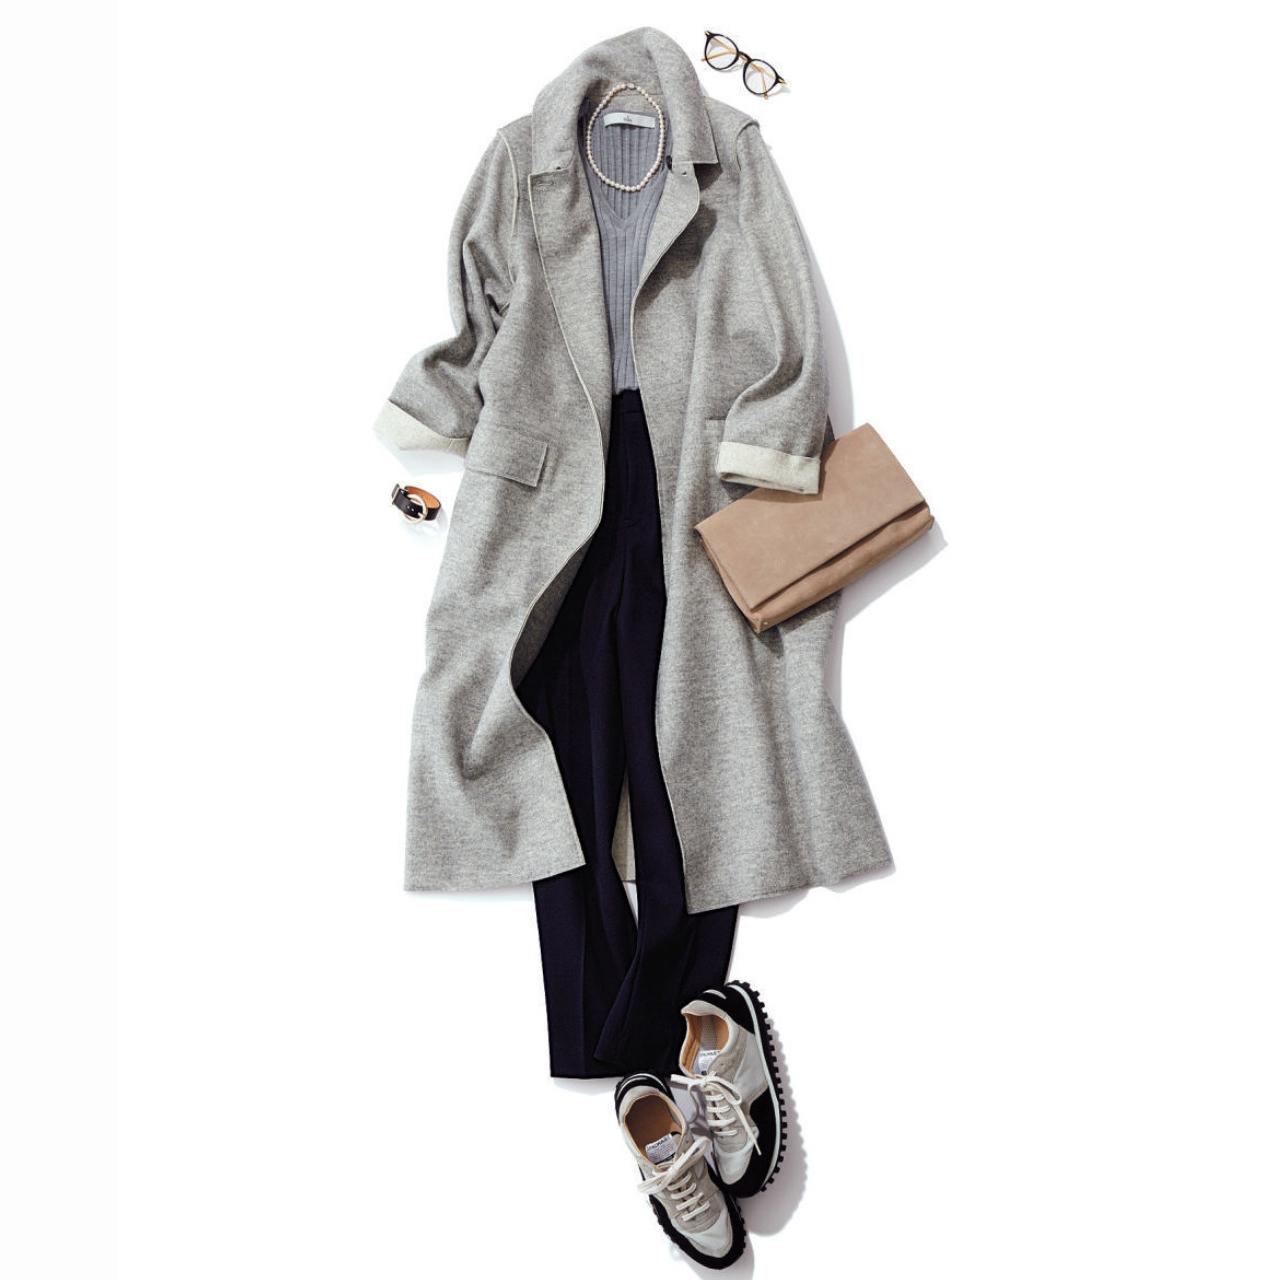 コート×黒パンツのファッションコーデ